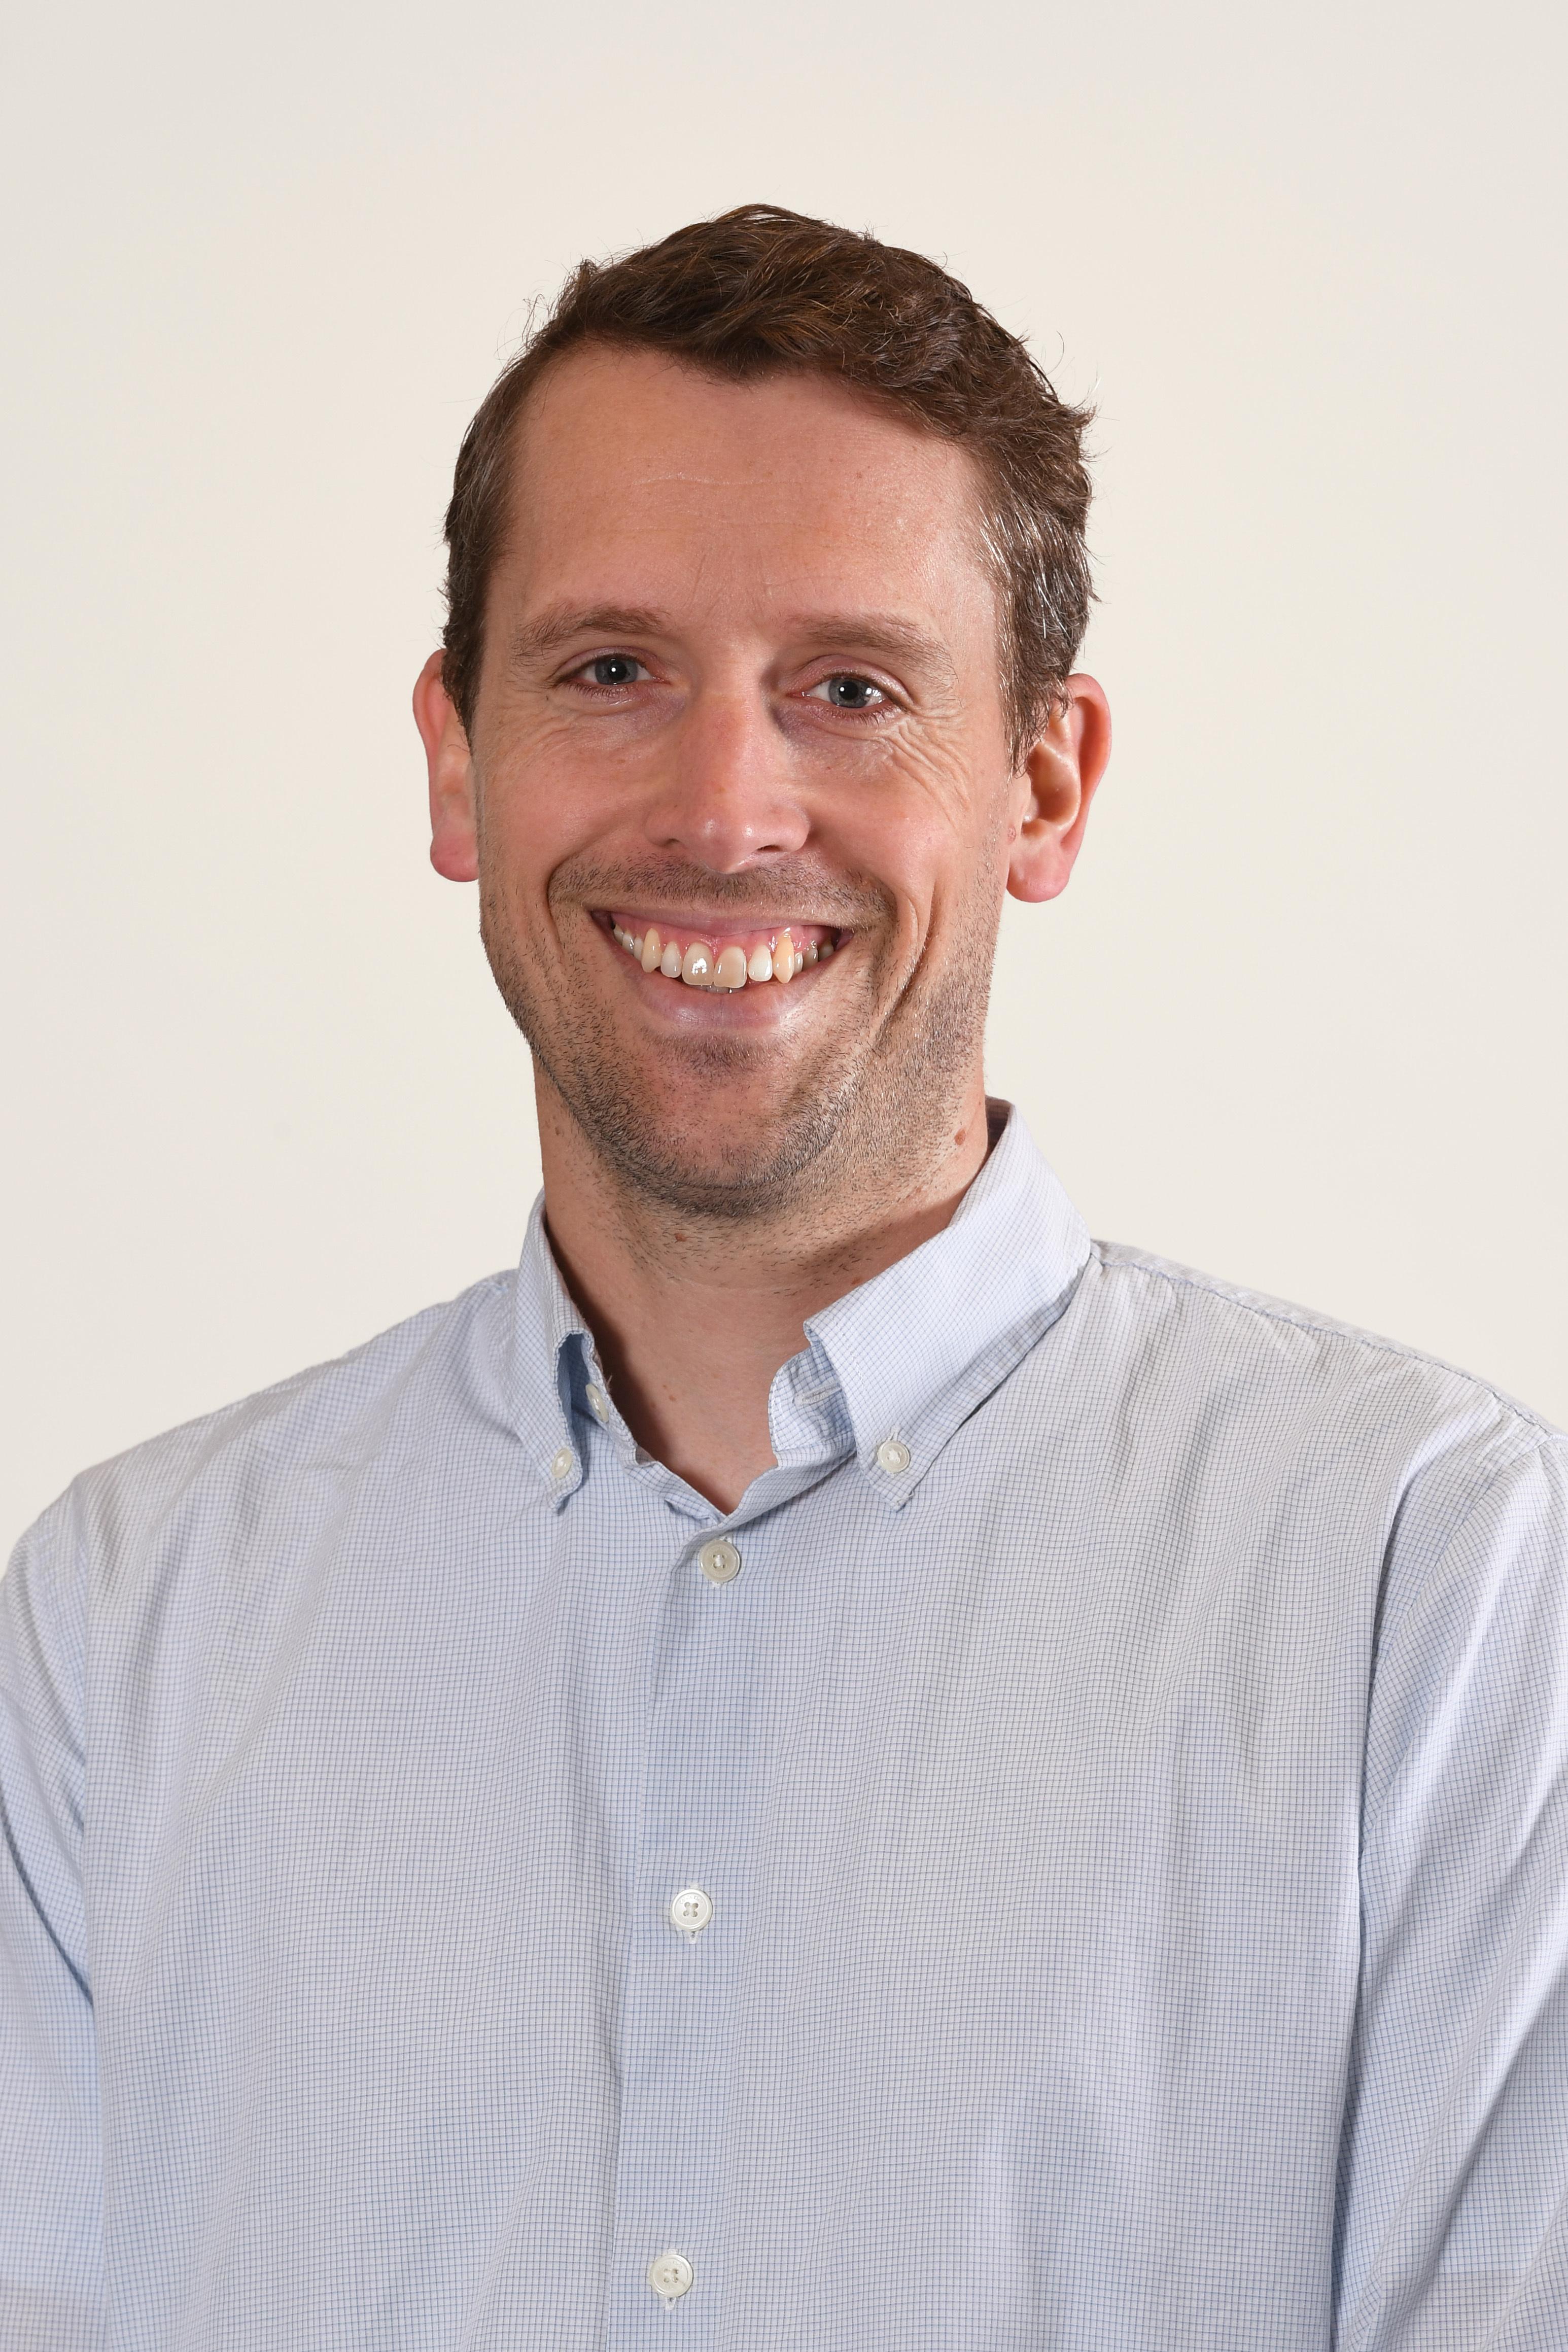 Dan Weijers